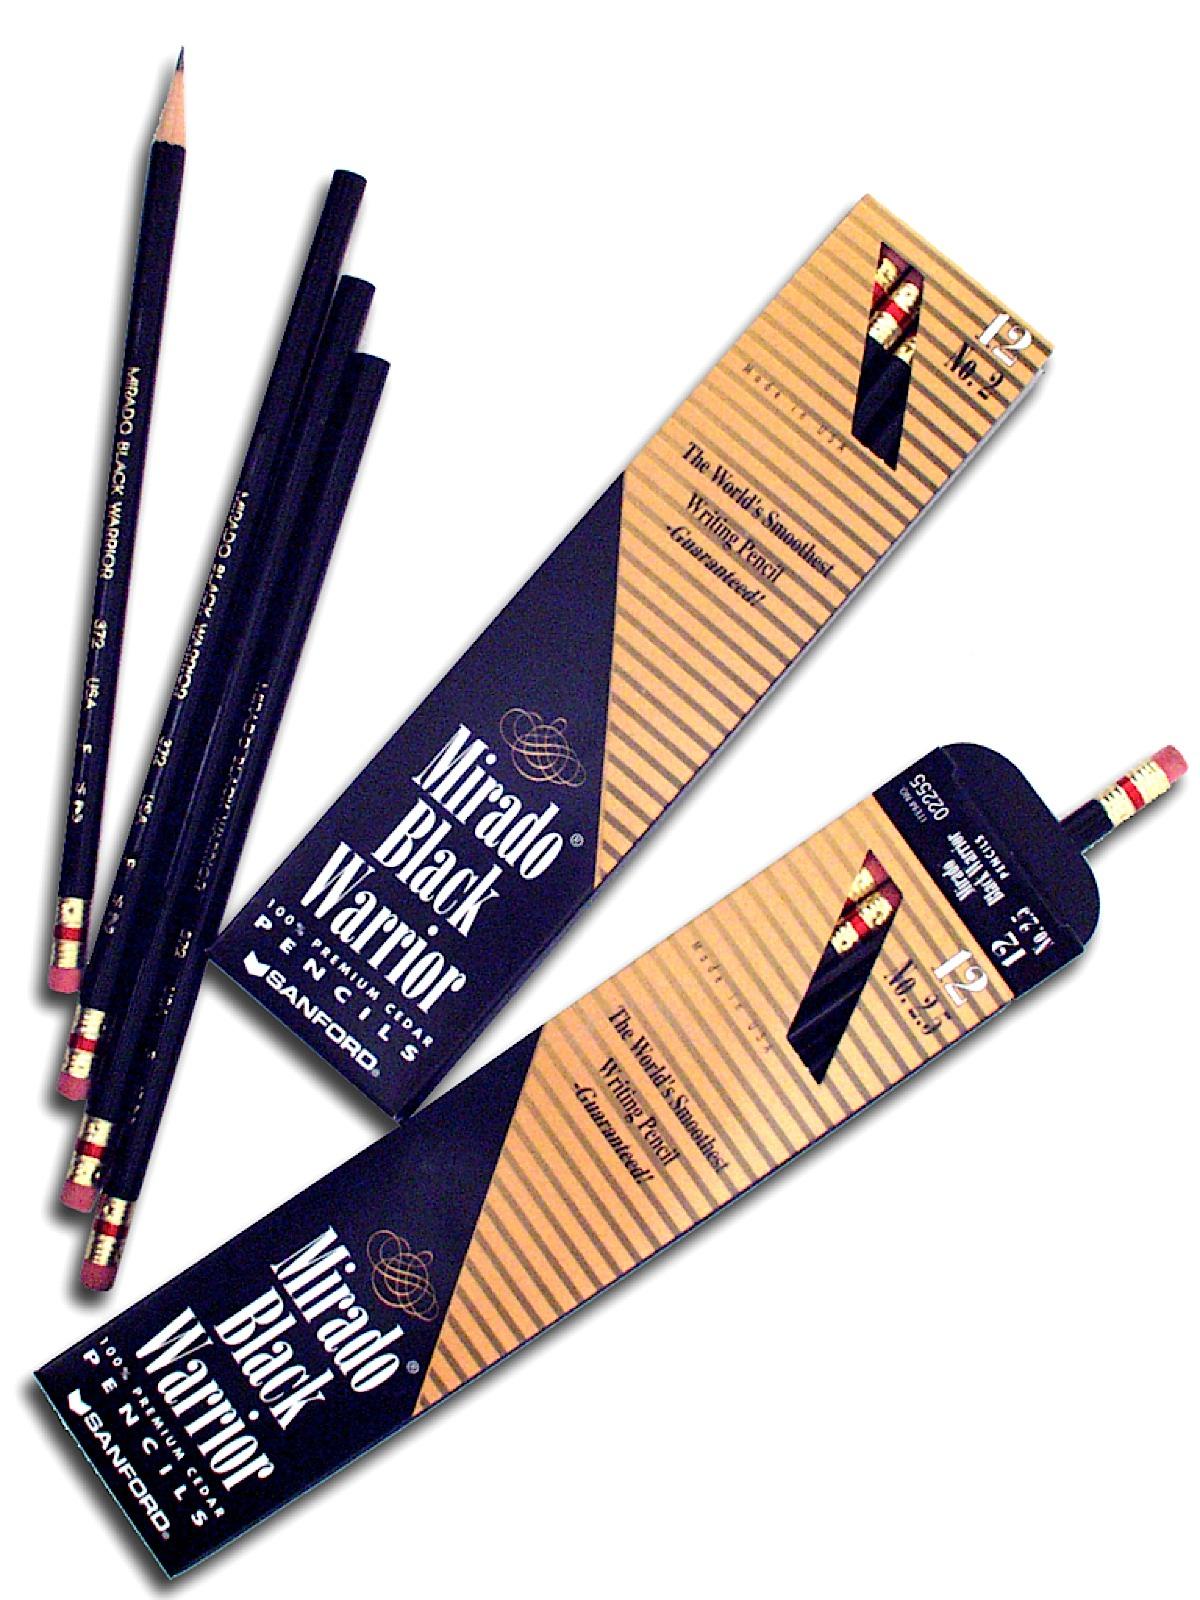 Mirado Black Warrior Pencils